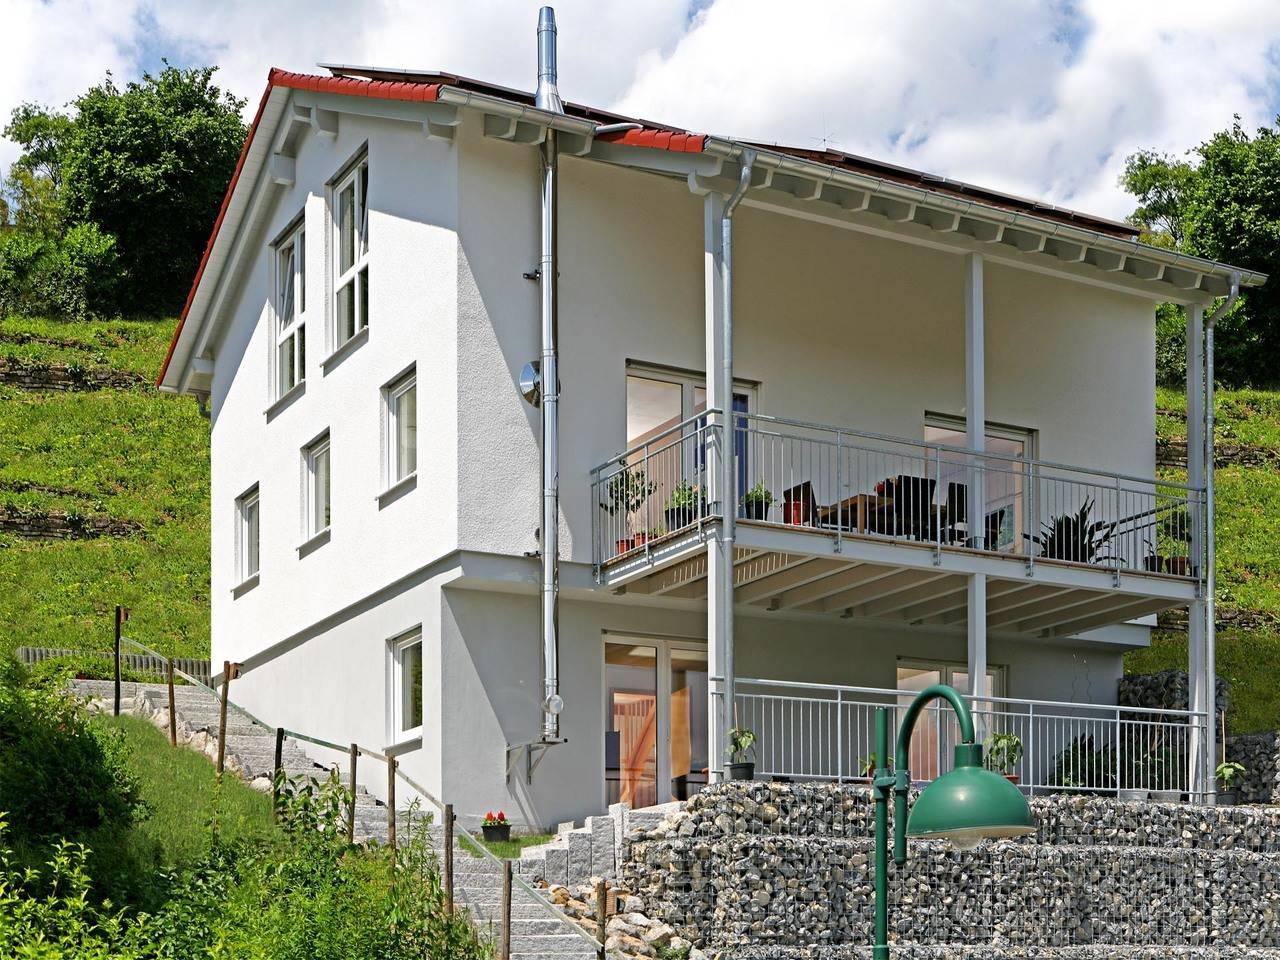 Fertighaus Weiss Mehrgenerationenhaus mit Hanglage Vollmer-Kientsch